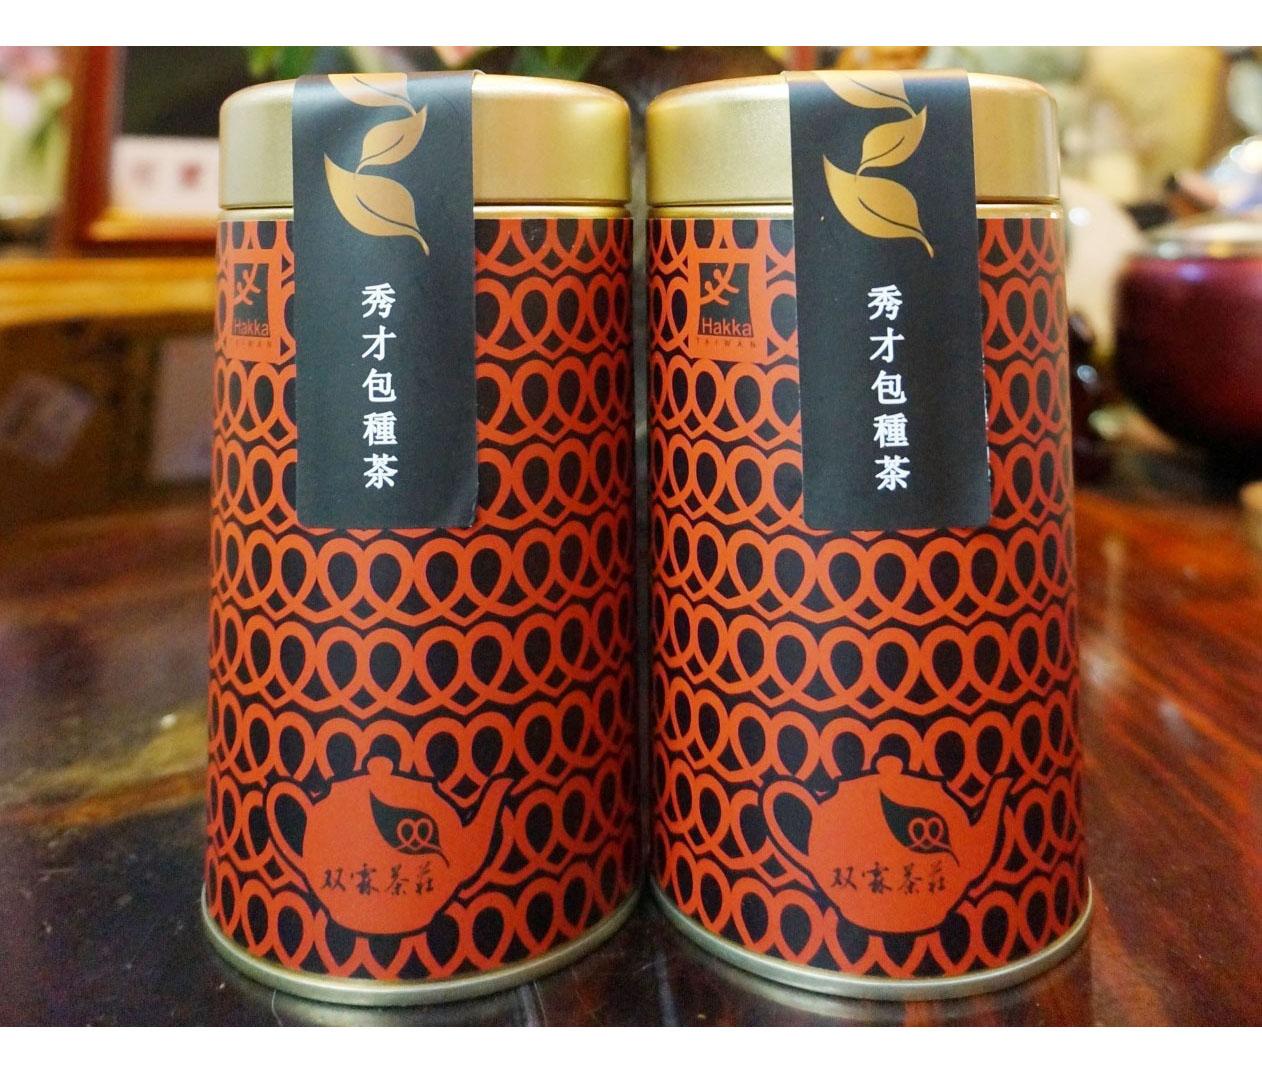 楊梅區品牌茶-秀才包種茶之照片